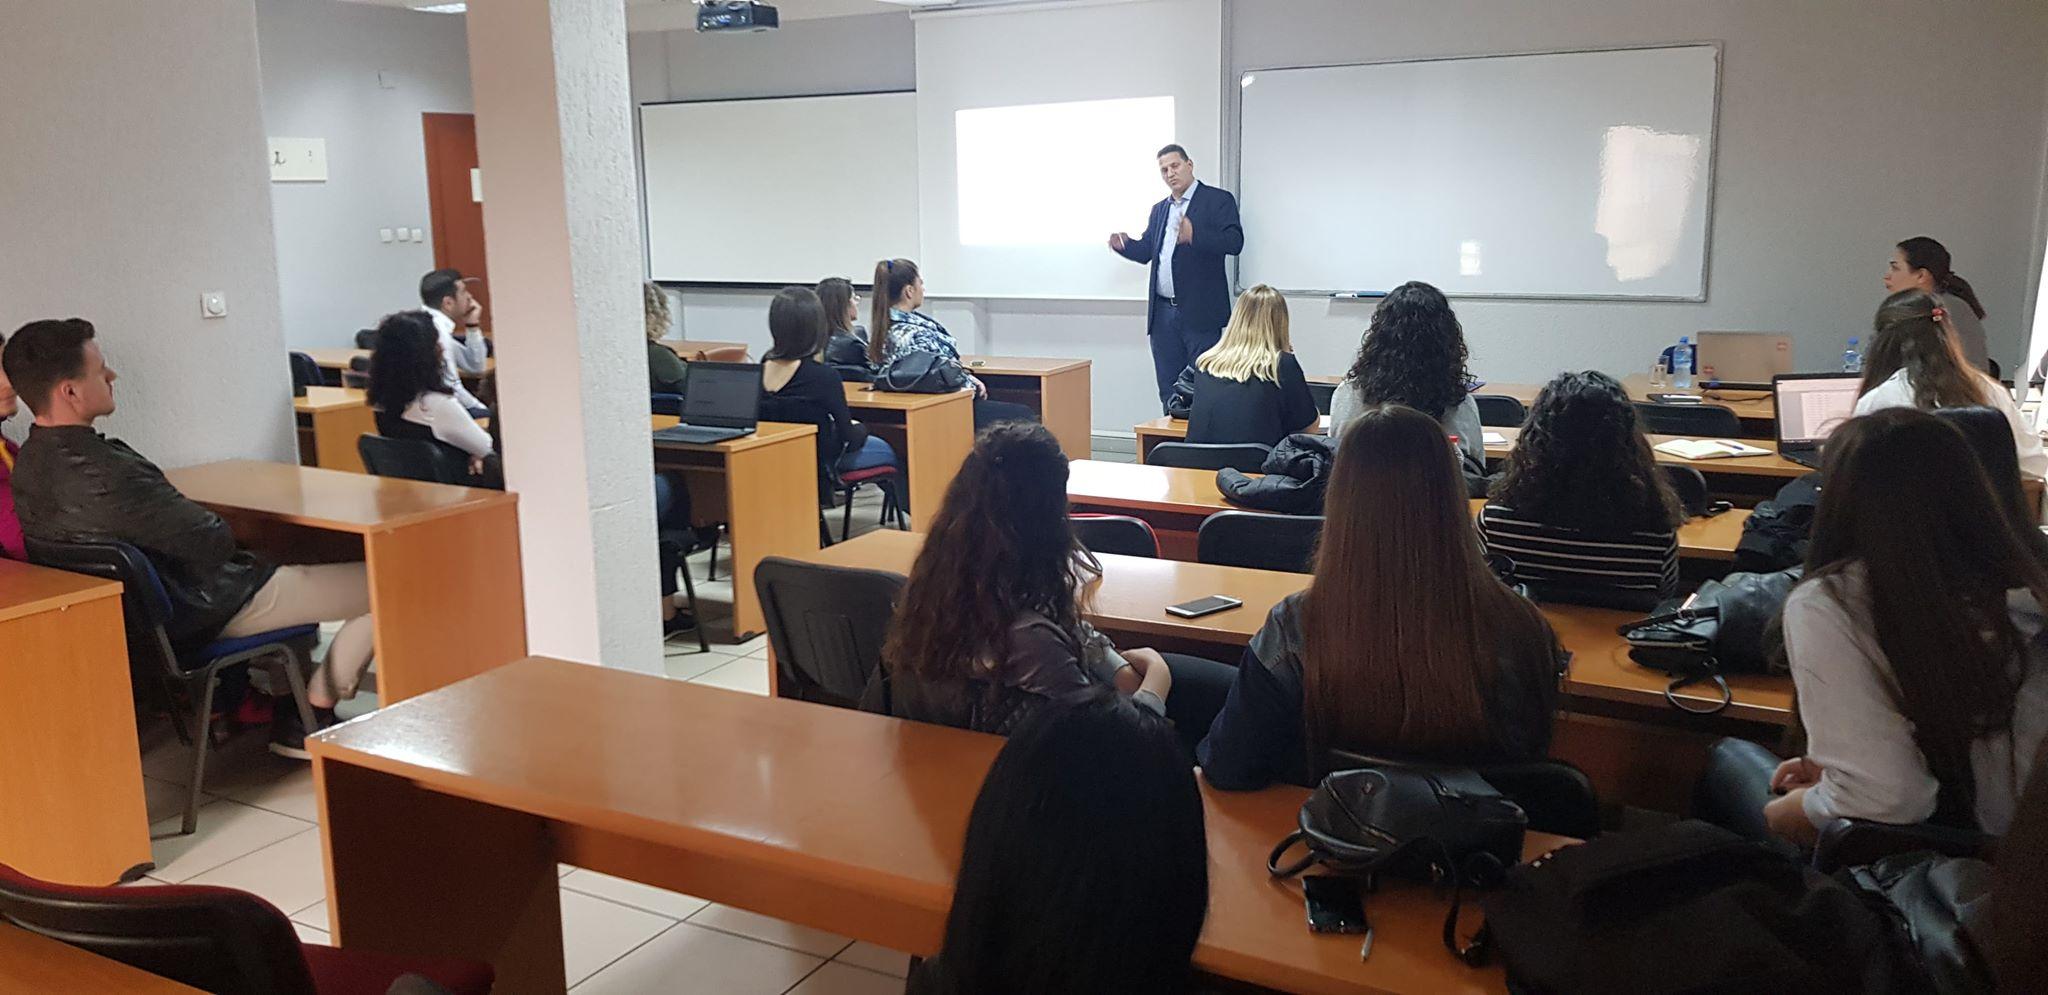 Studentët e UBT-së marrin informacione mbi mbrojtjen e pronësisë intelektuale